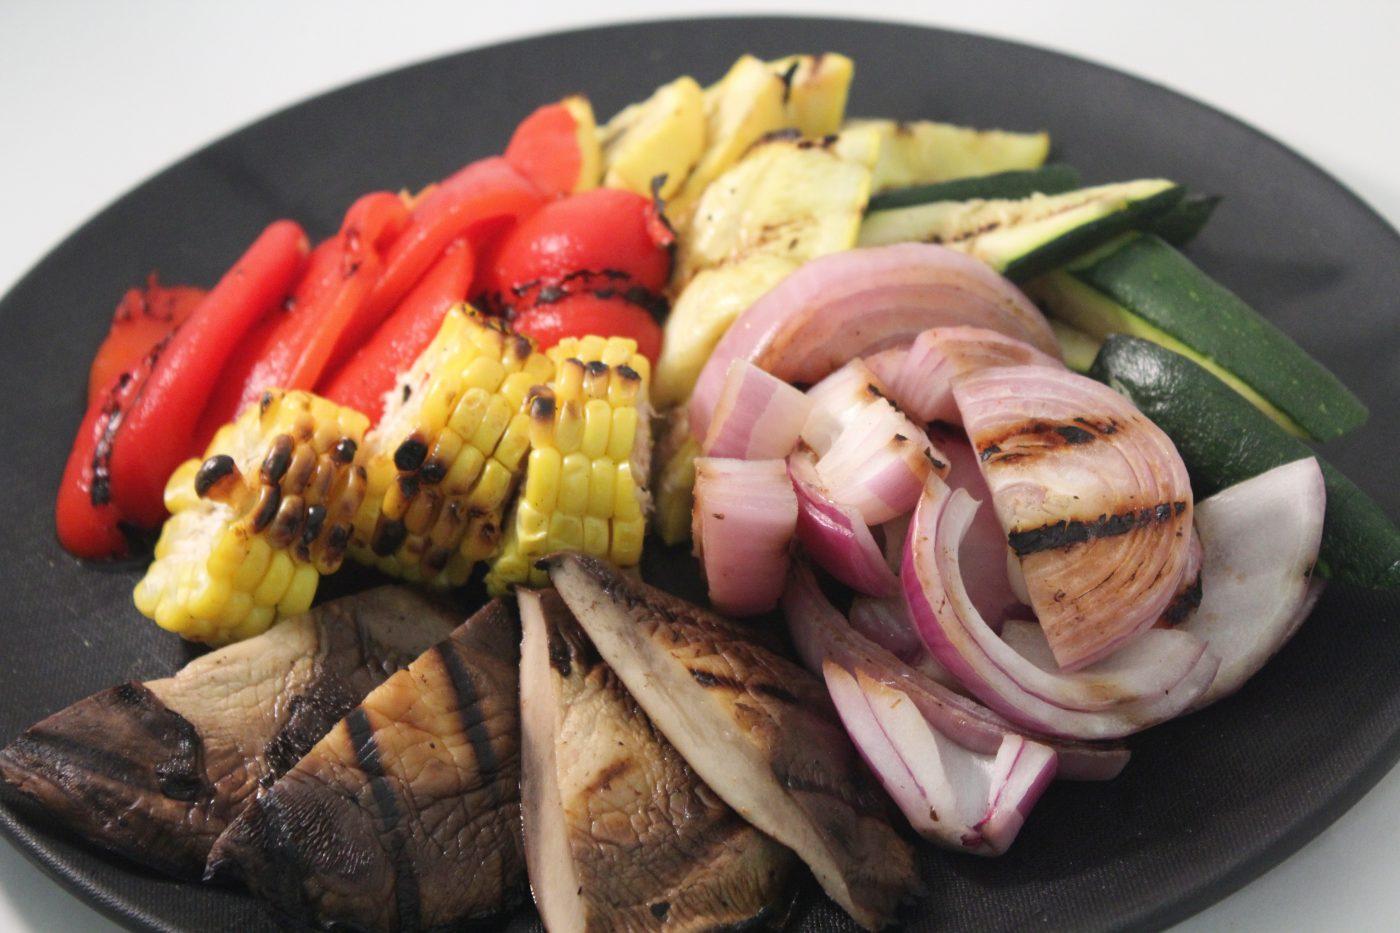 Grilled-Veggie-Platter-e1526522921301